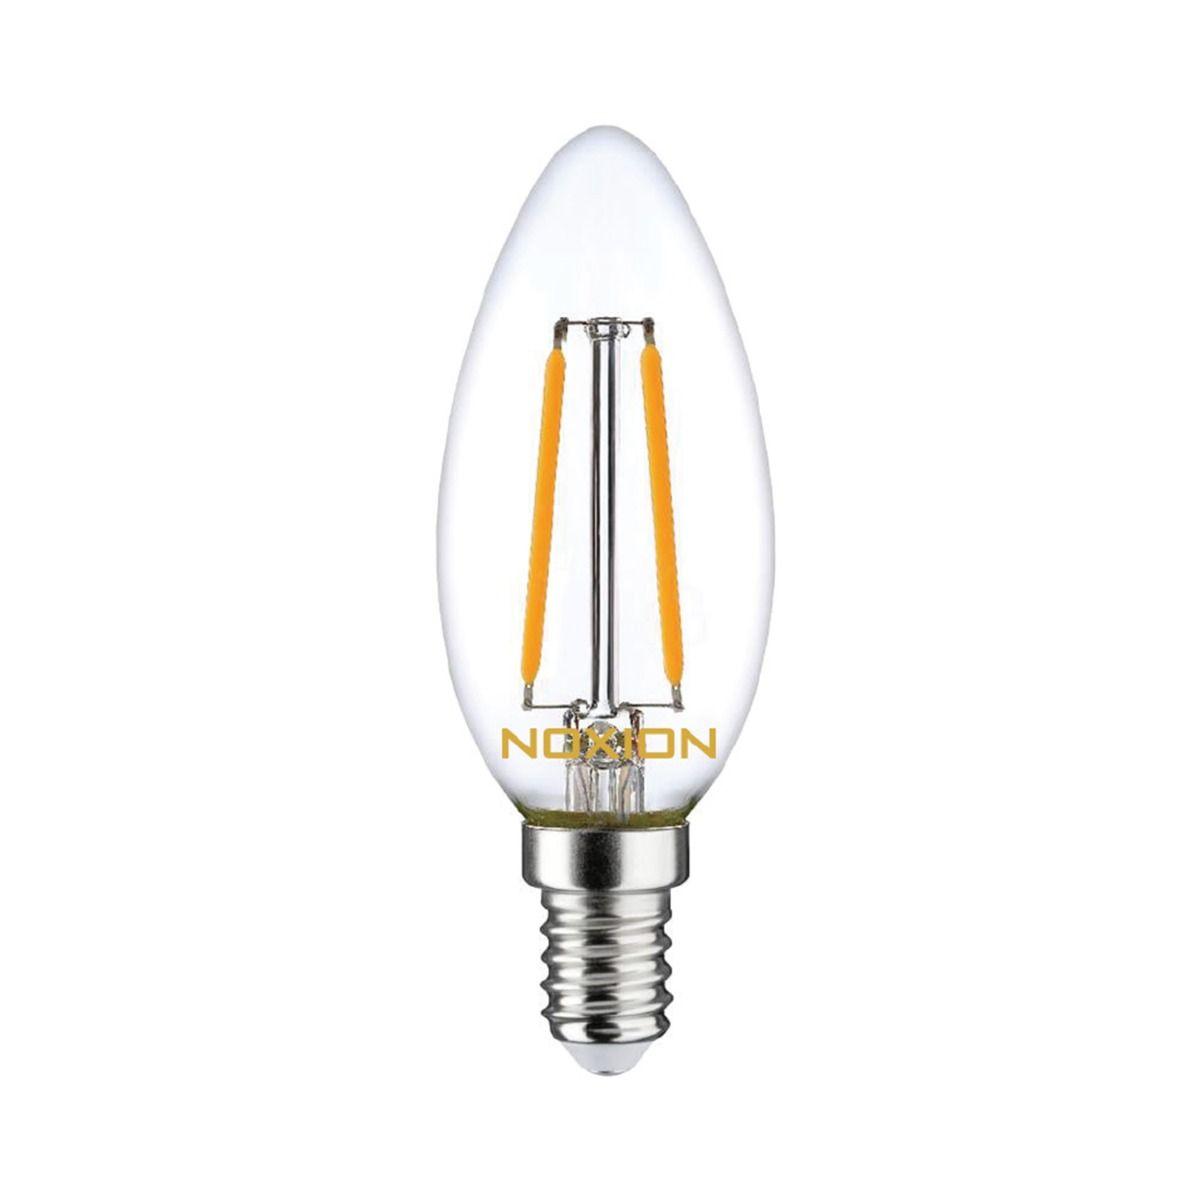 Noxion Lucent Filament LED Candle 2.5W 827 B35 E14 Klar | Extra Varm Vit - Ersättare 25W